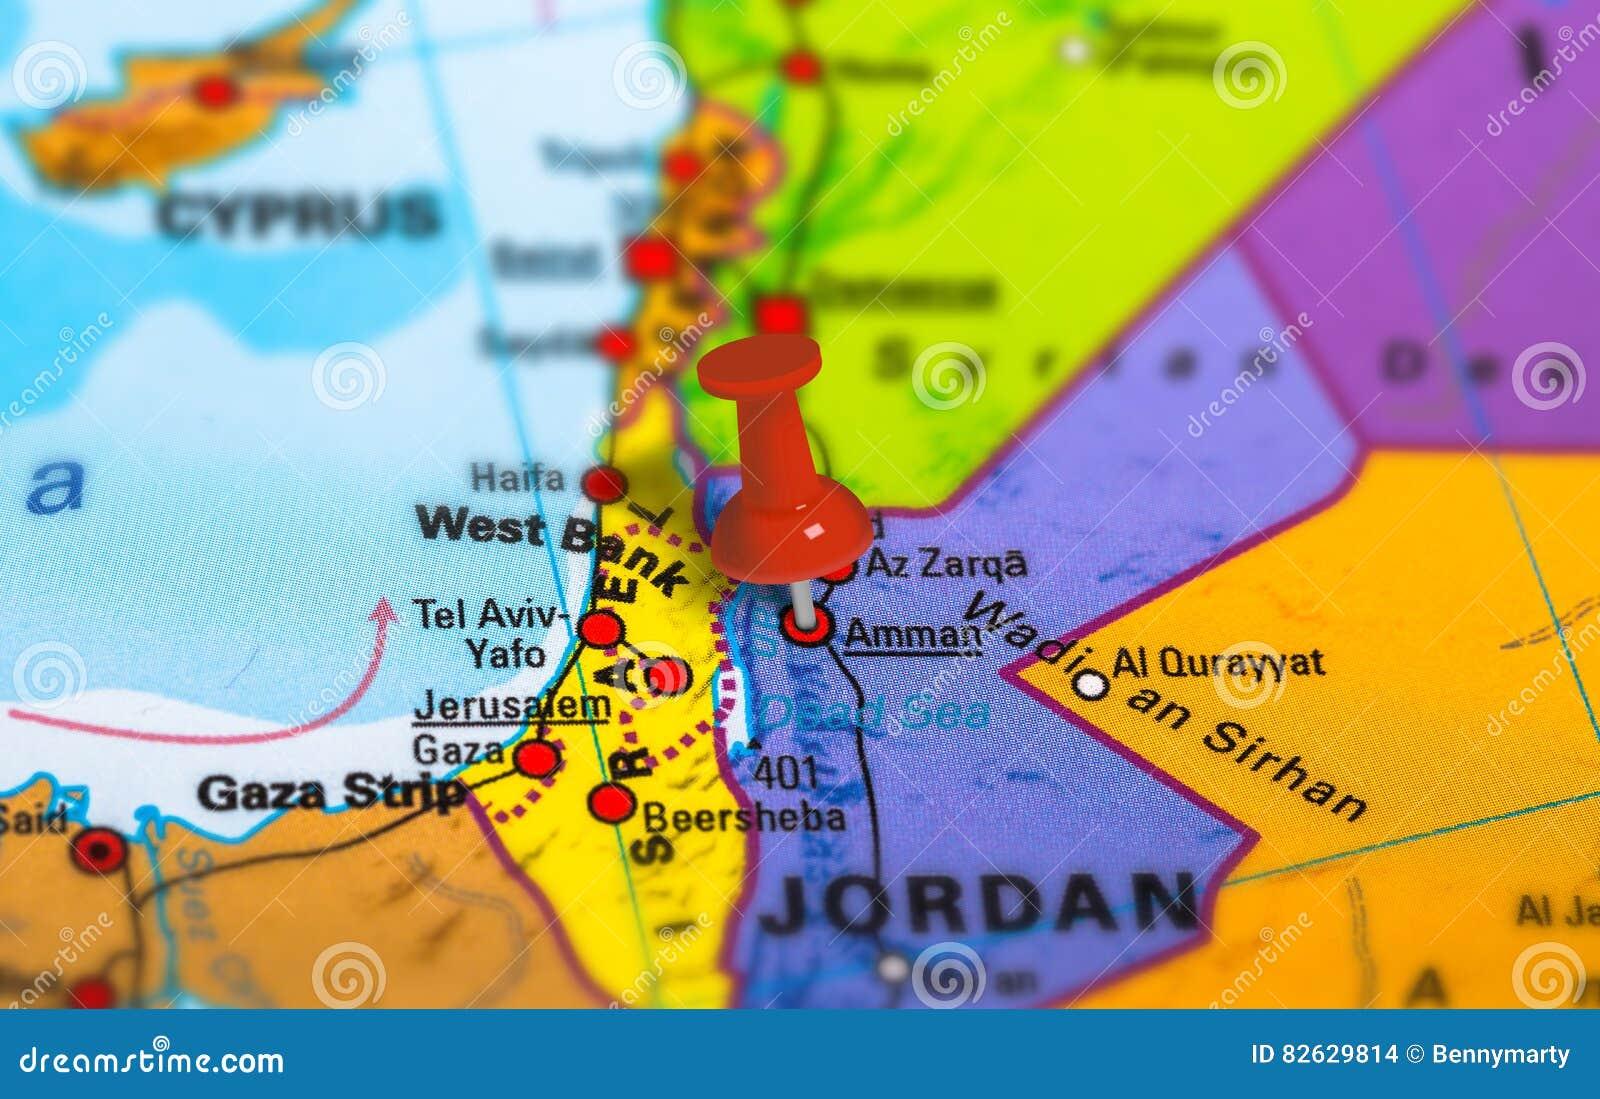 Jordanien Karte.Jordan Amman Karte Stockfoto Bild Von Nahaufnahme Grenzstein